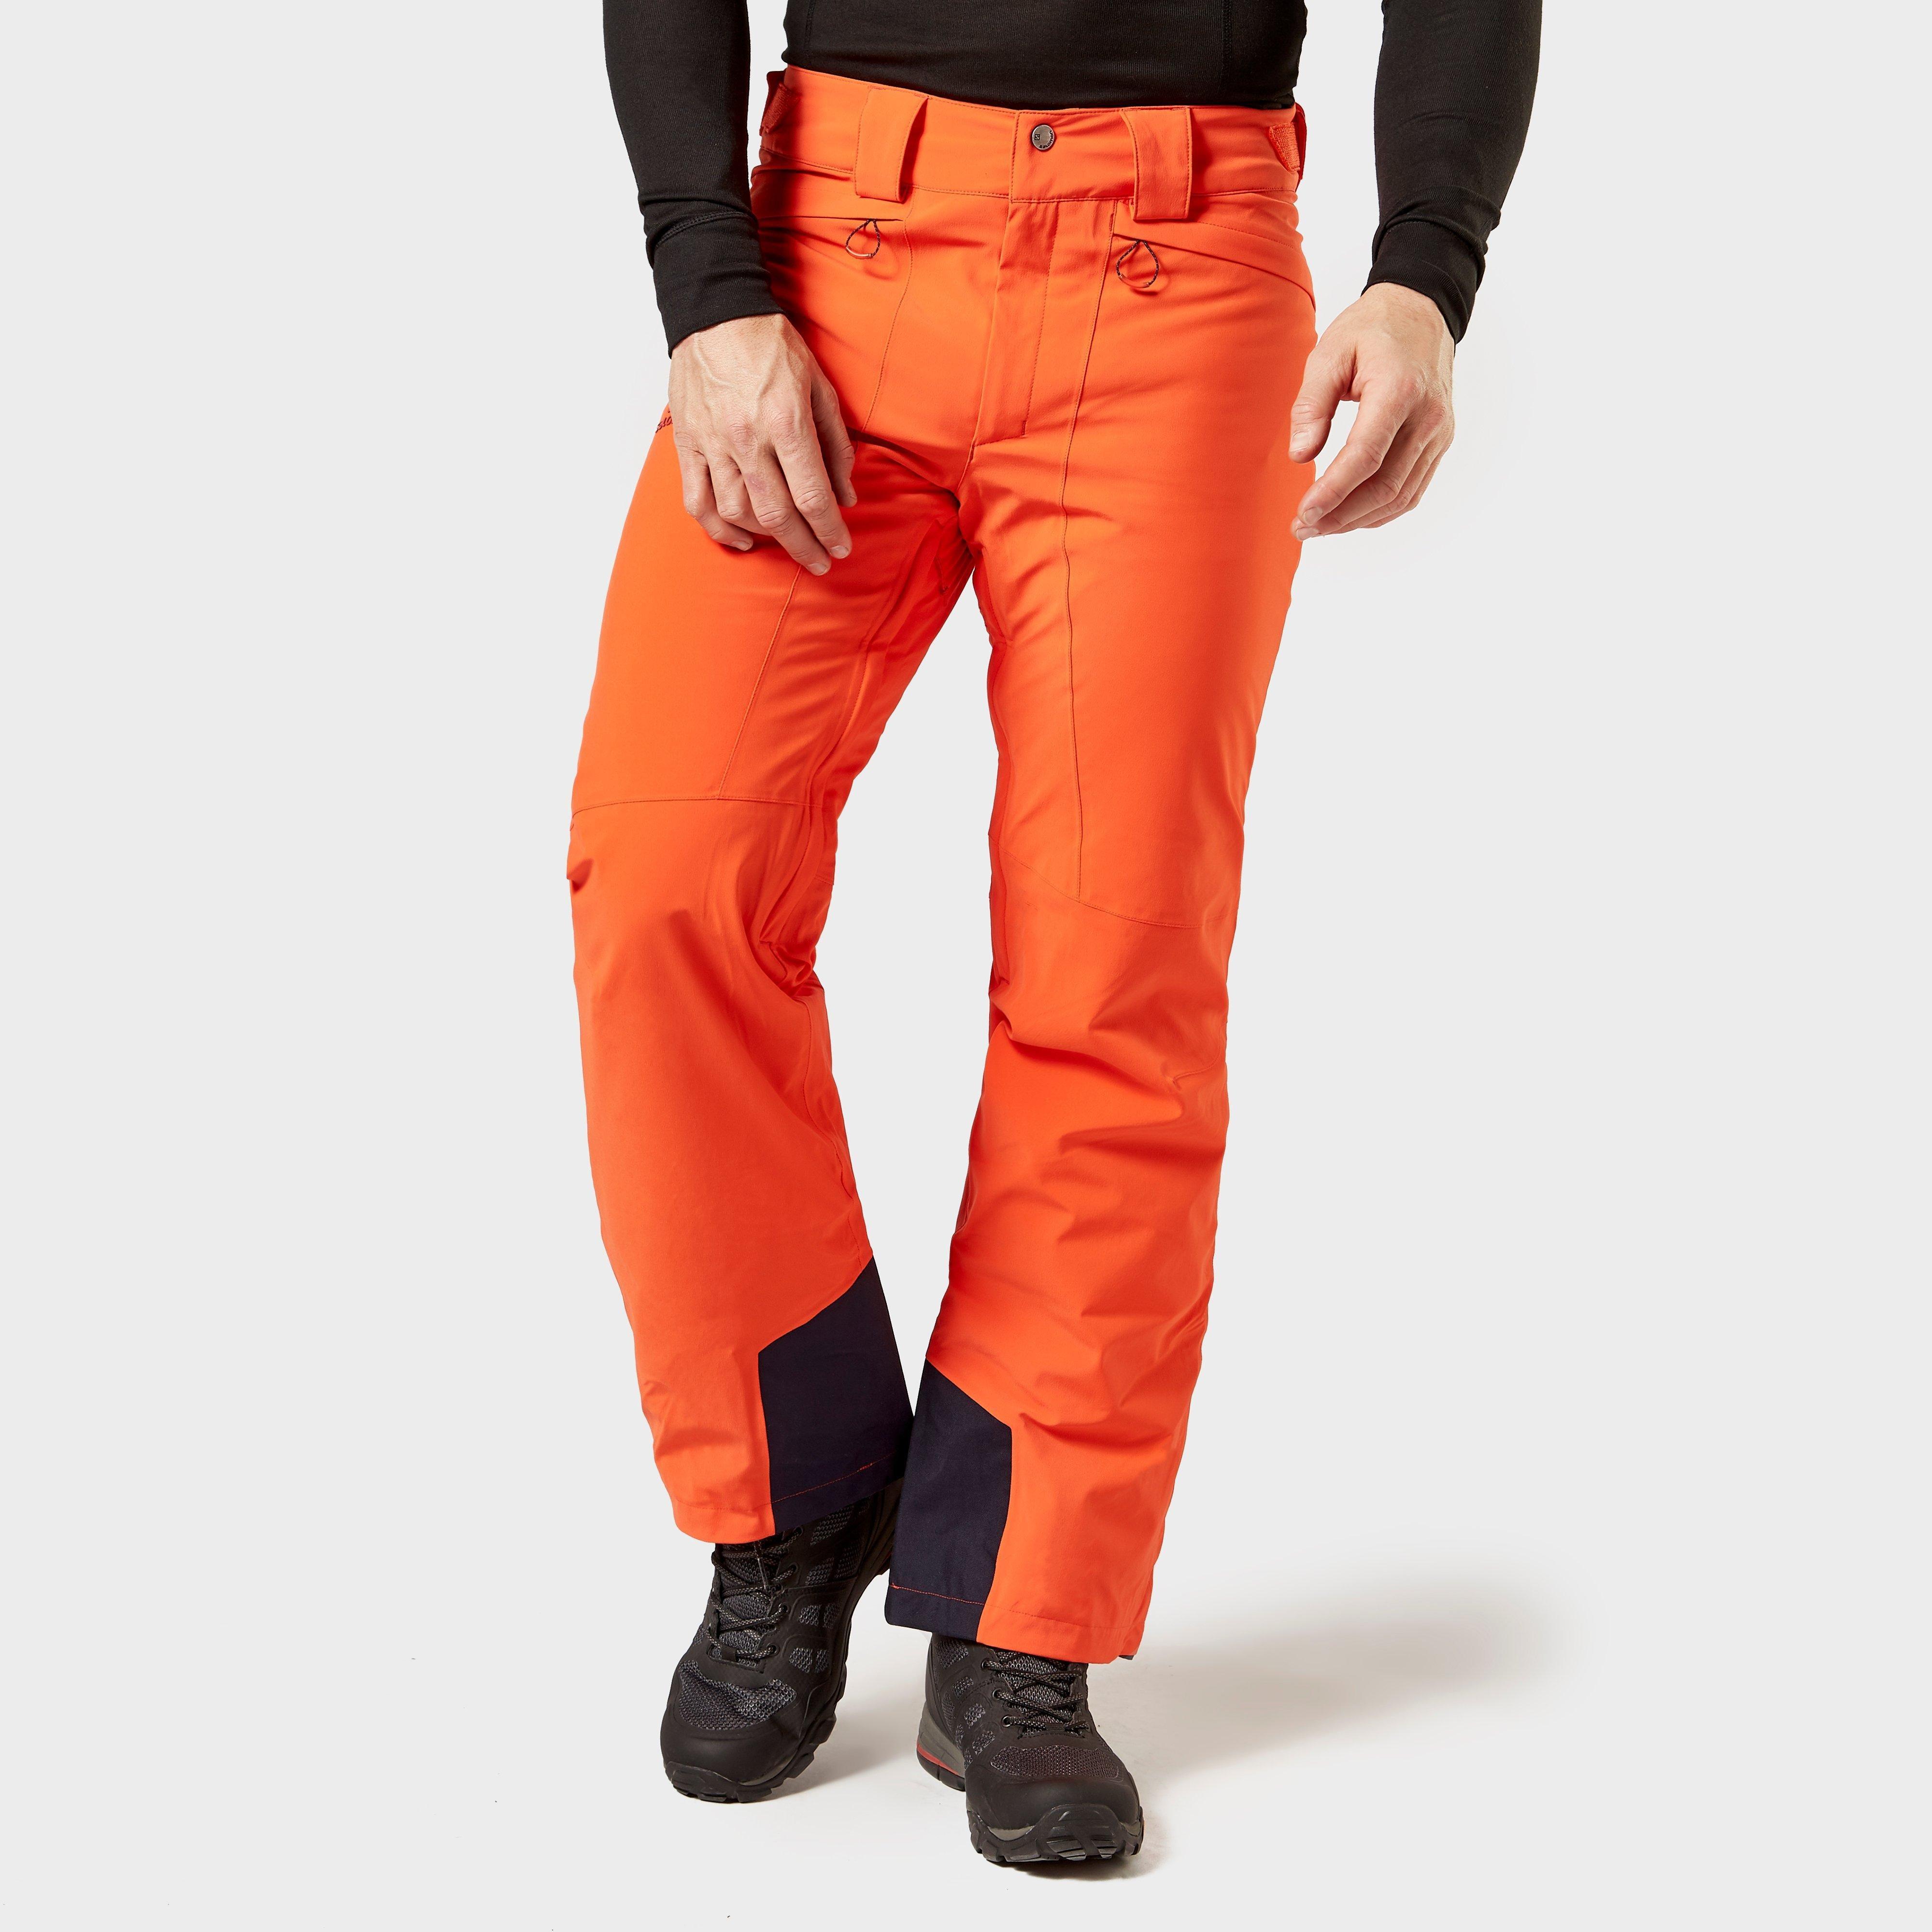 Salomon Men's Icemania Pants - Orange/Orange, Orange